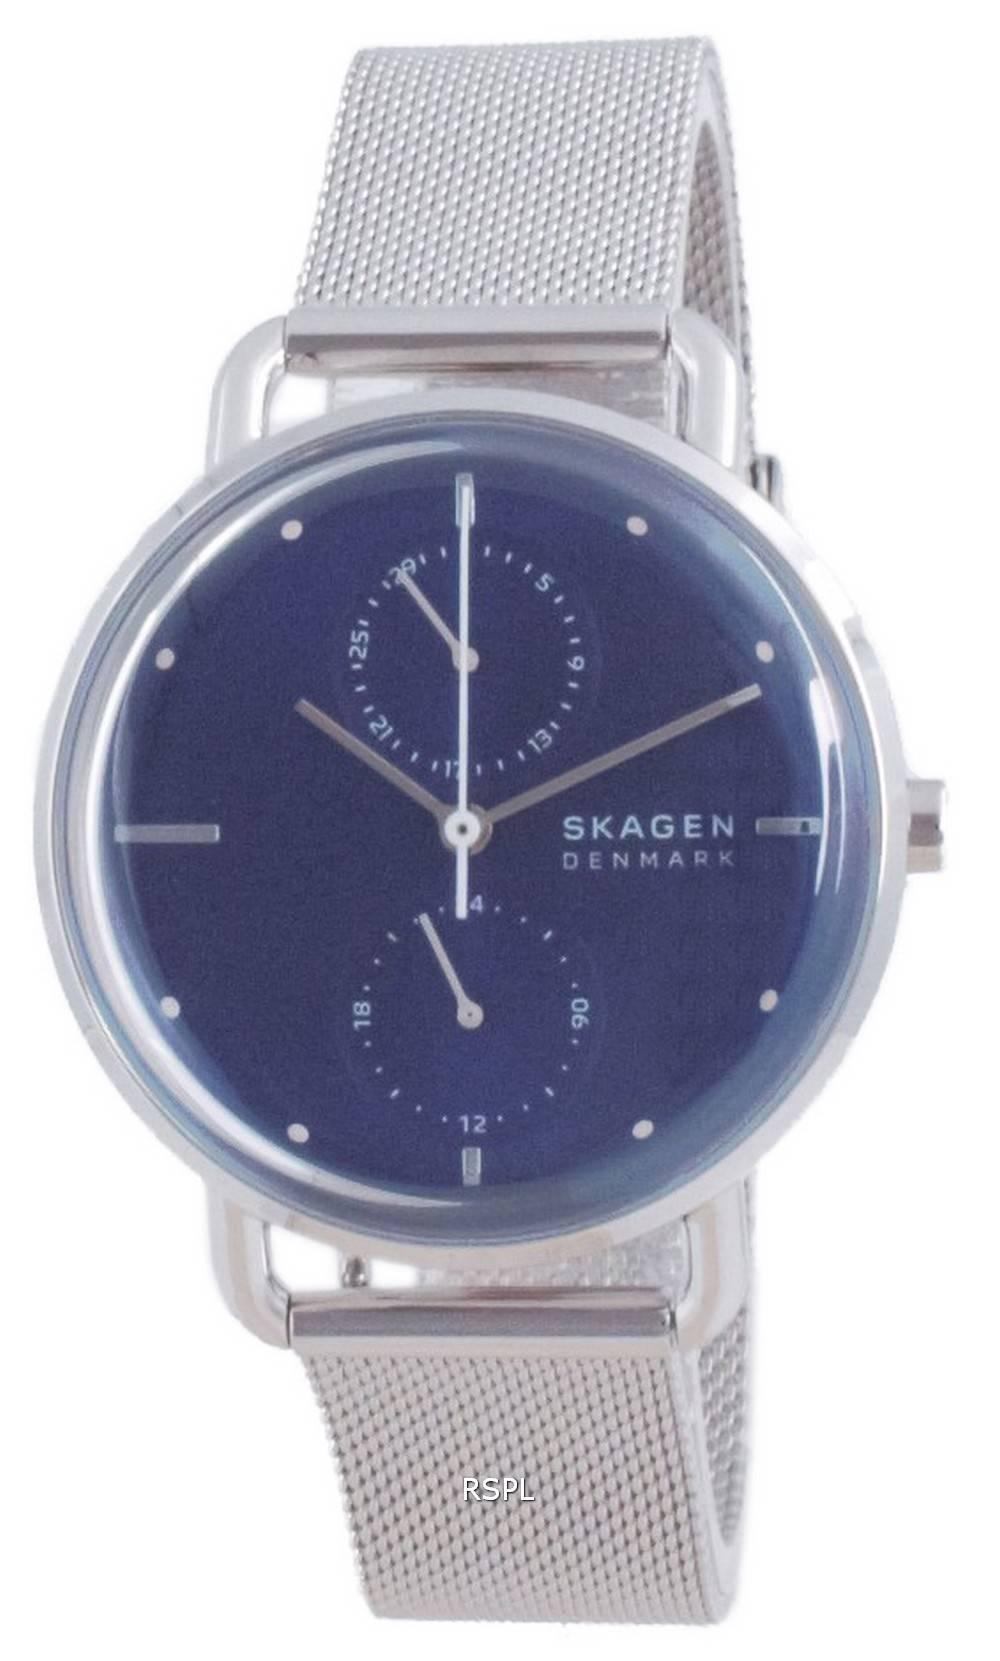 Skagen Horizont ruostumattomasta teräksestä valmistettu kvartsi SKW2947 naisten kello